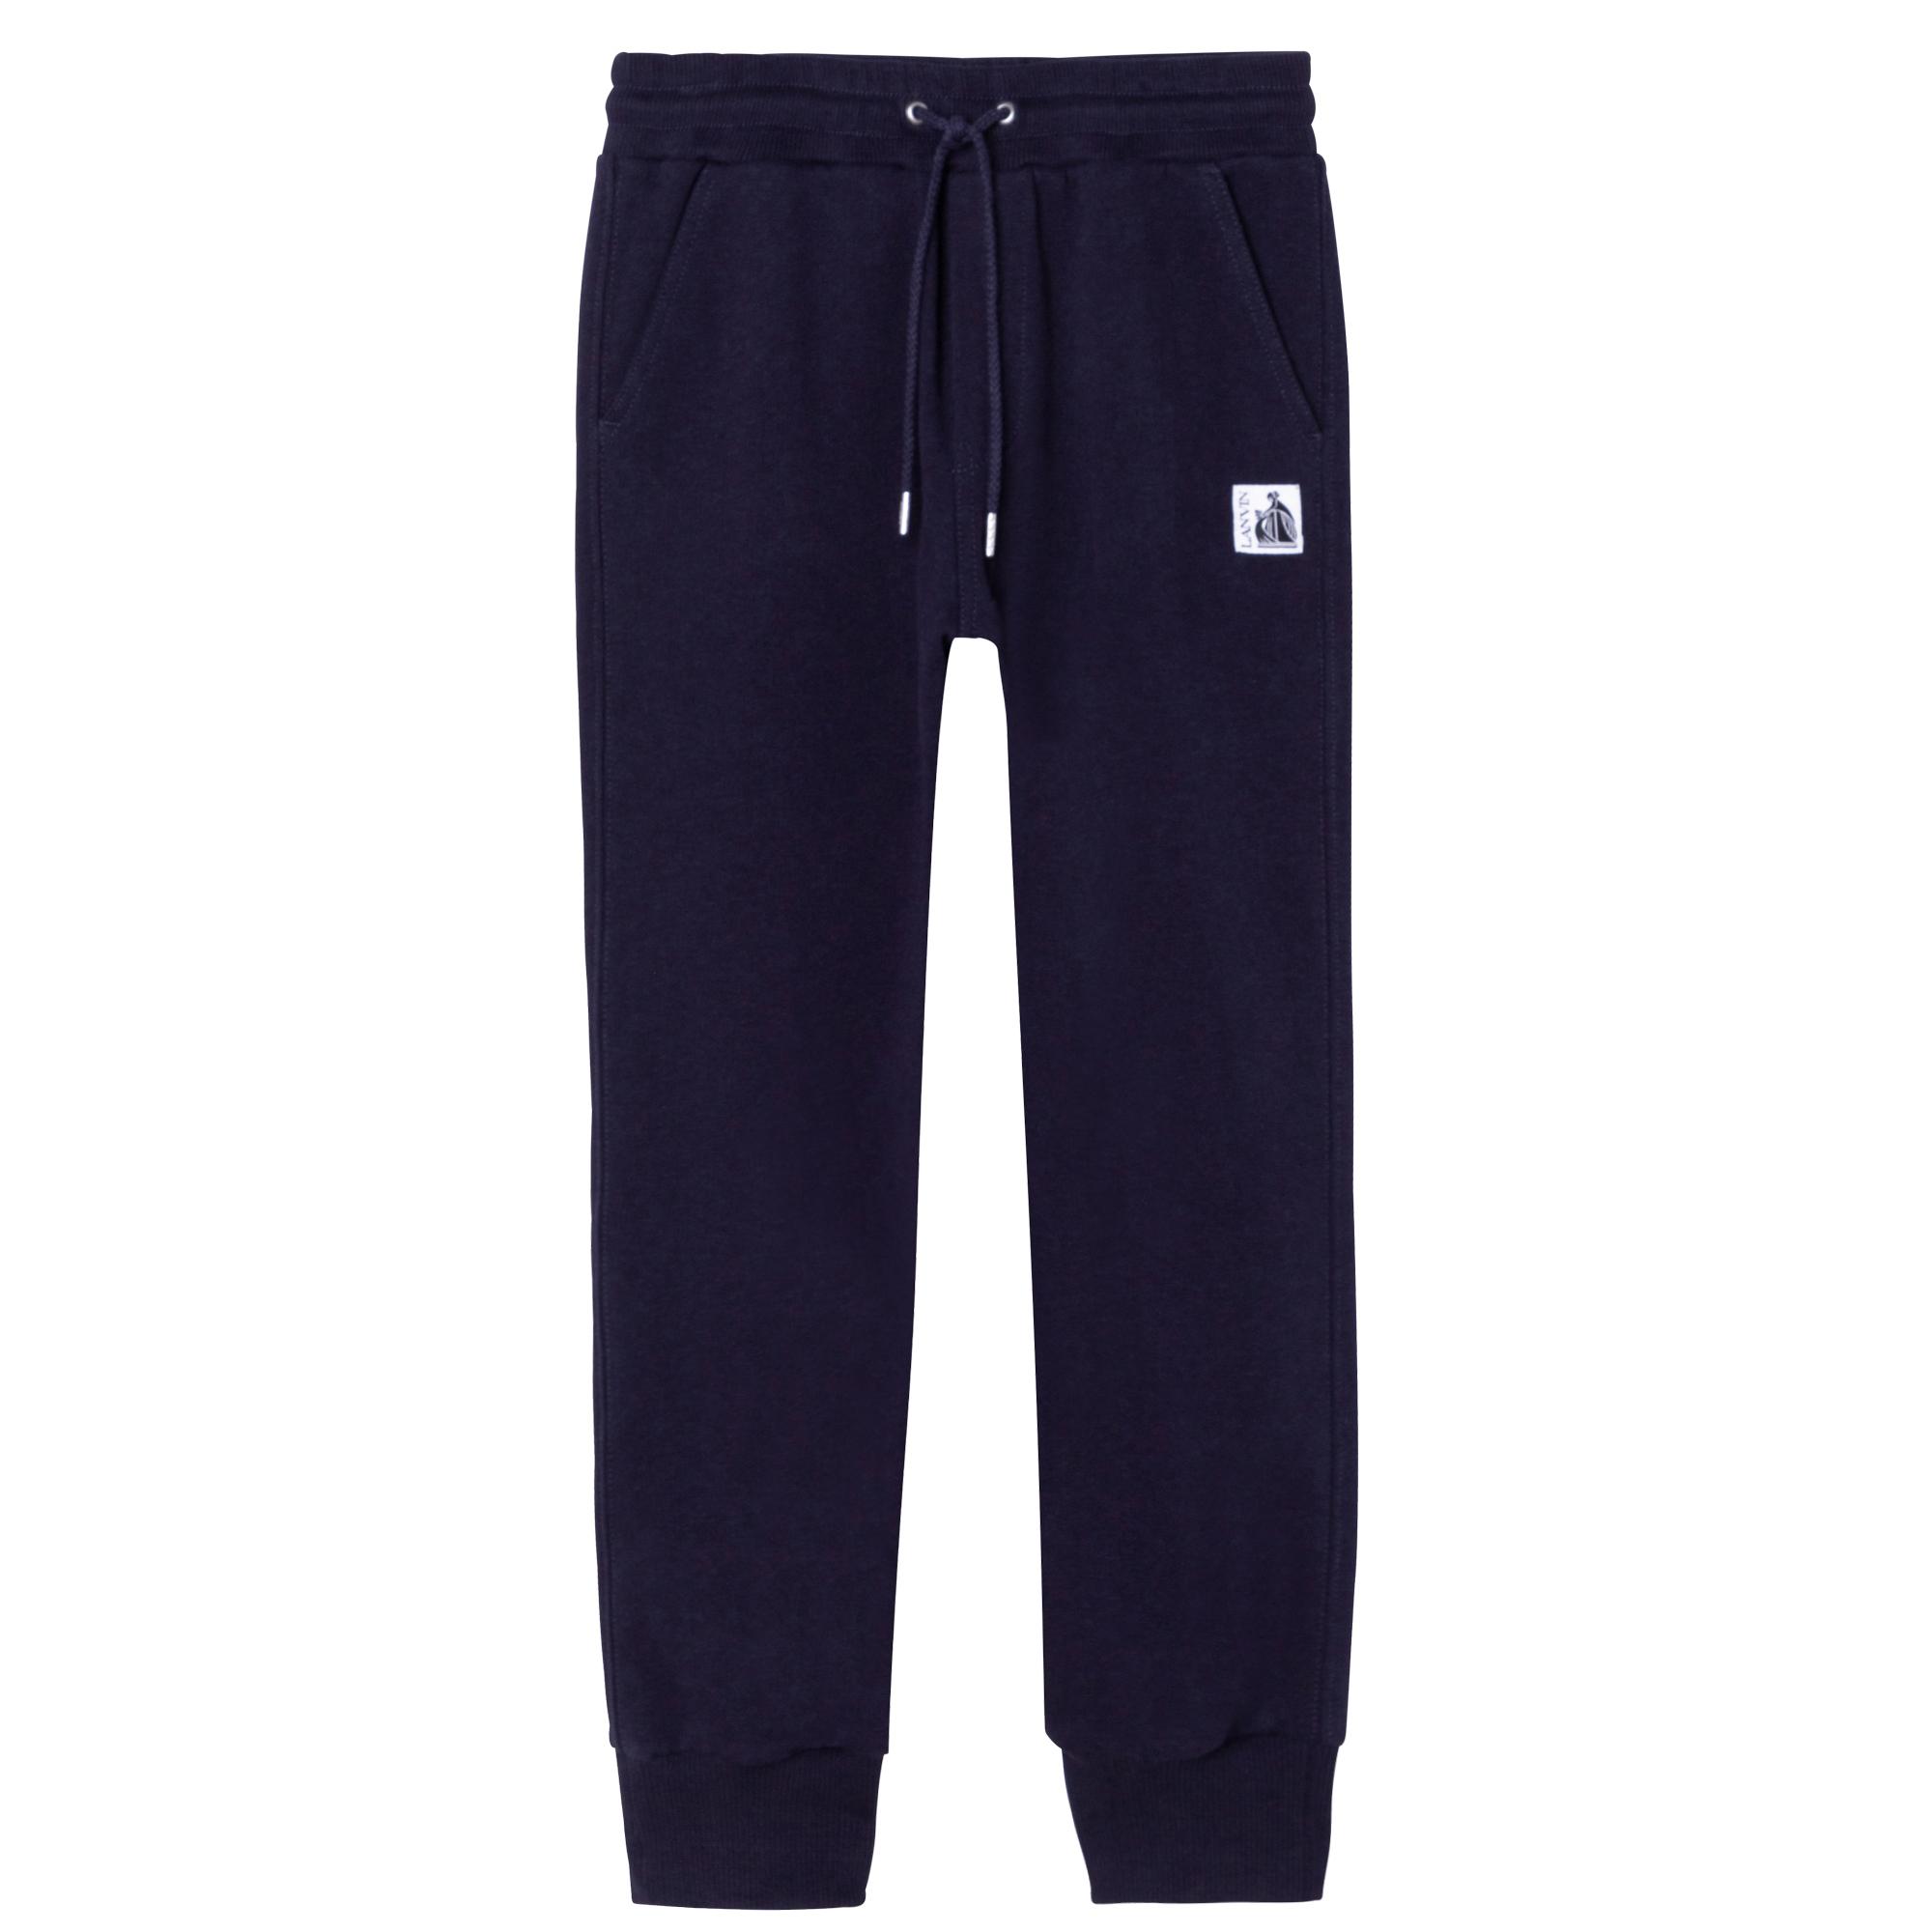 Pantalon de jogging en coton LANVIN pour GARCON